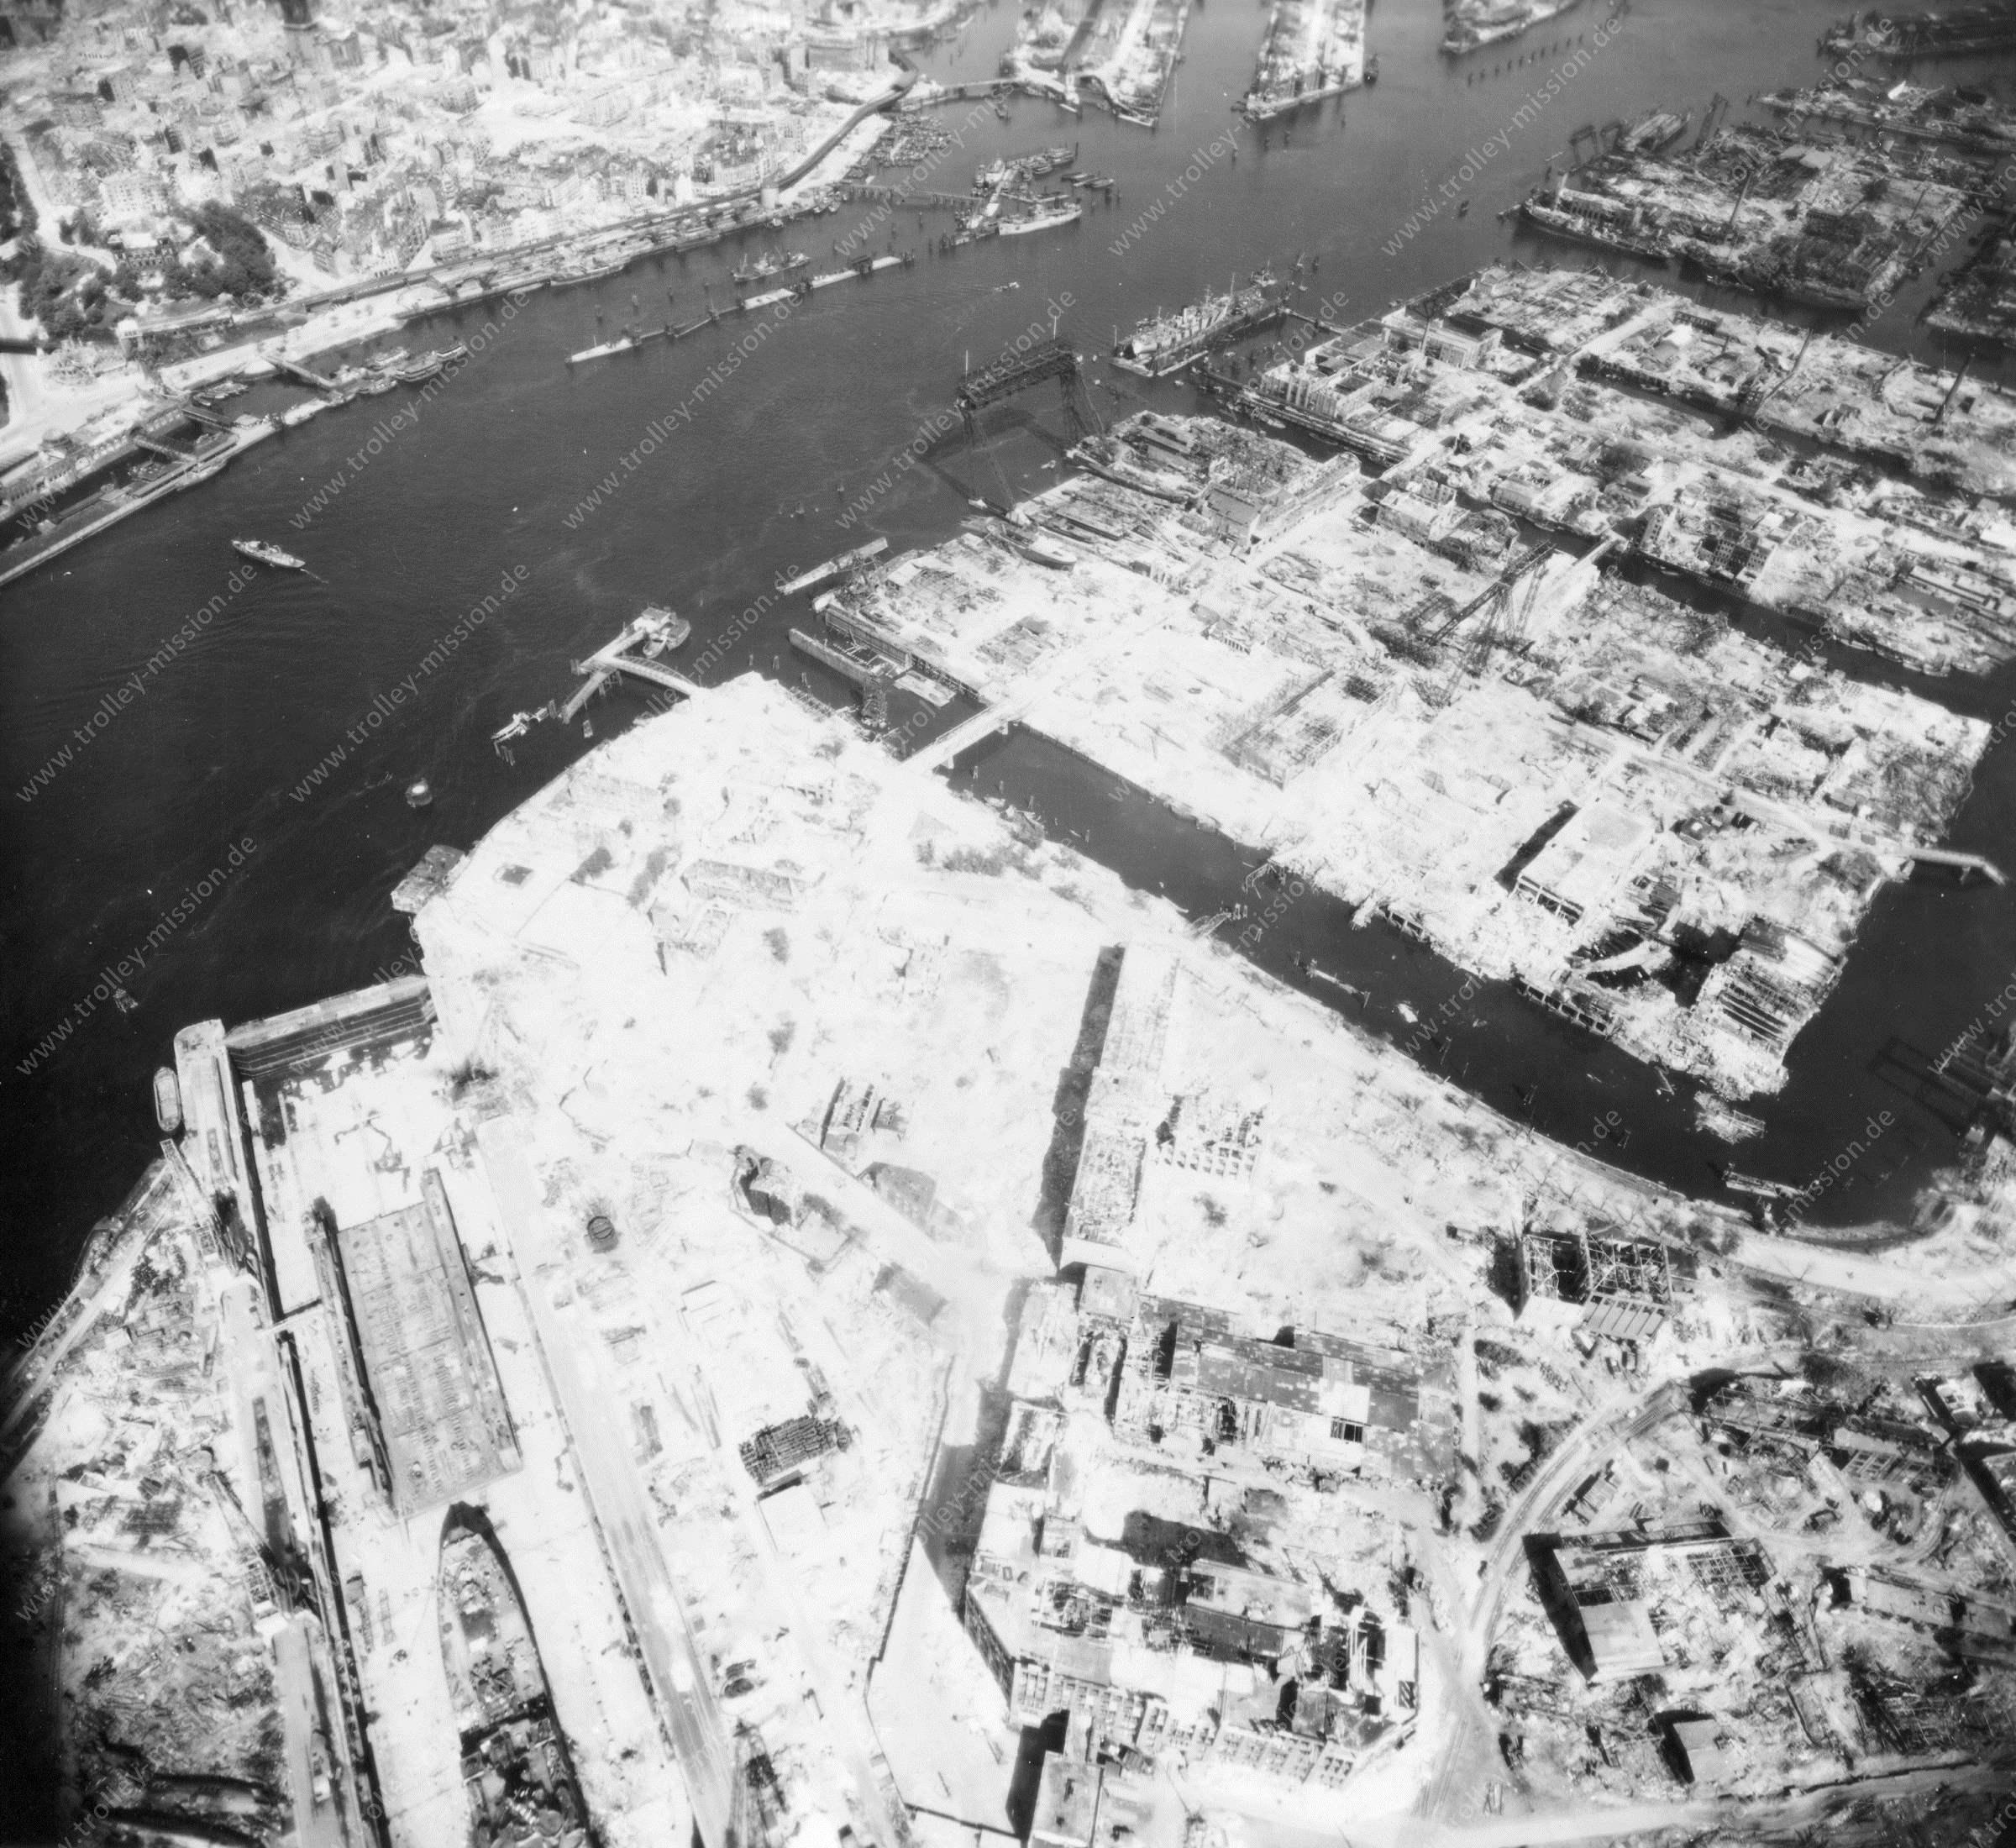 Luftbild von Hamburg und Hafen am 12. Mai 1945 - Luftbildserie 10/19 der US Air Force